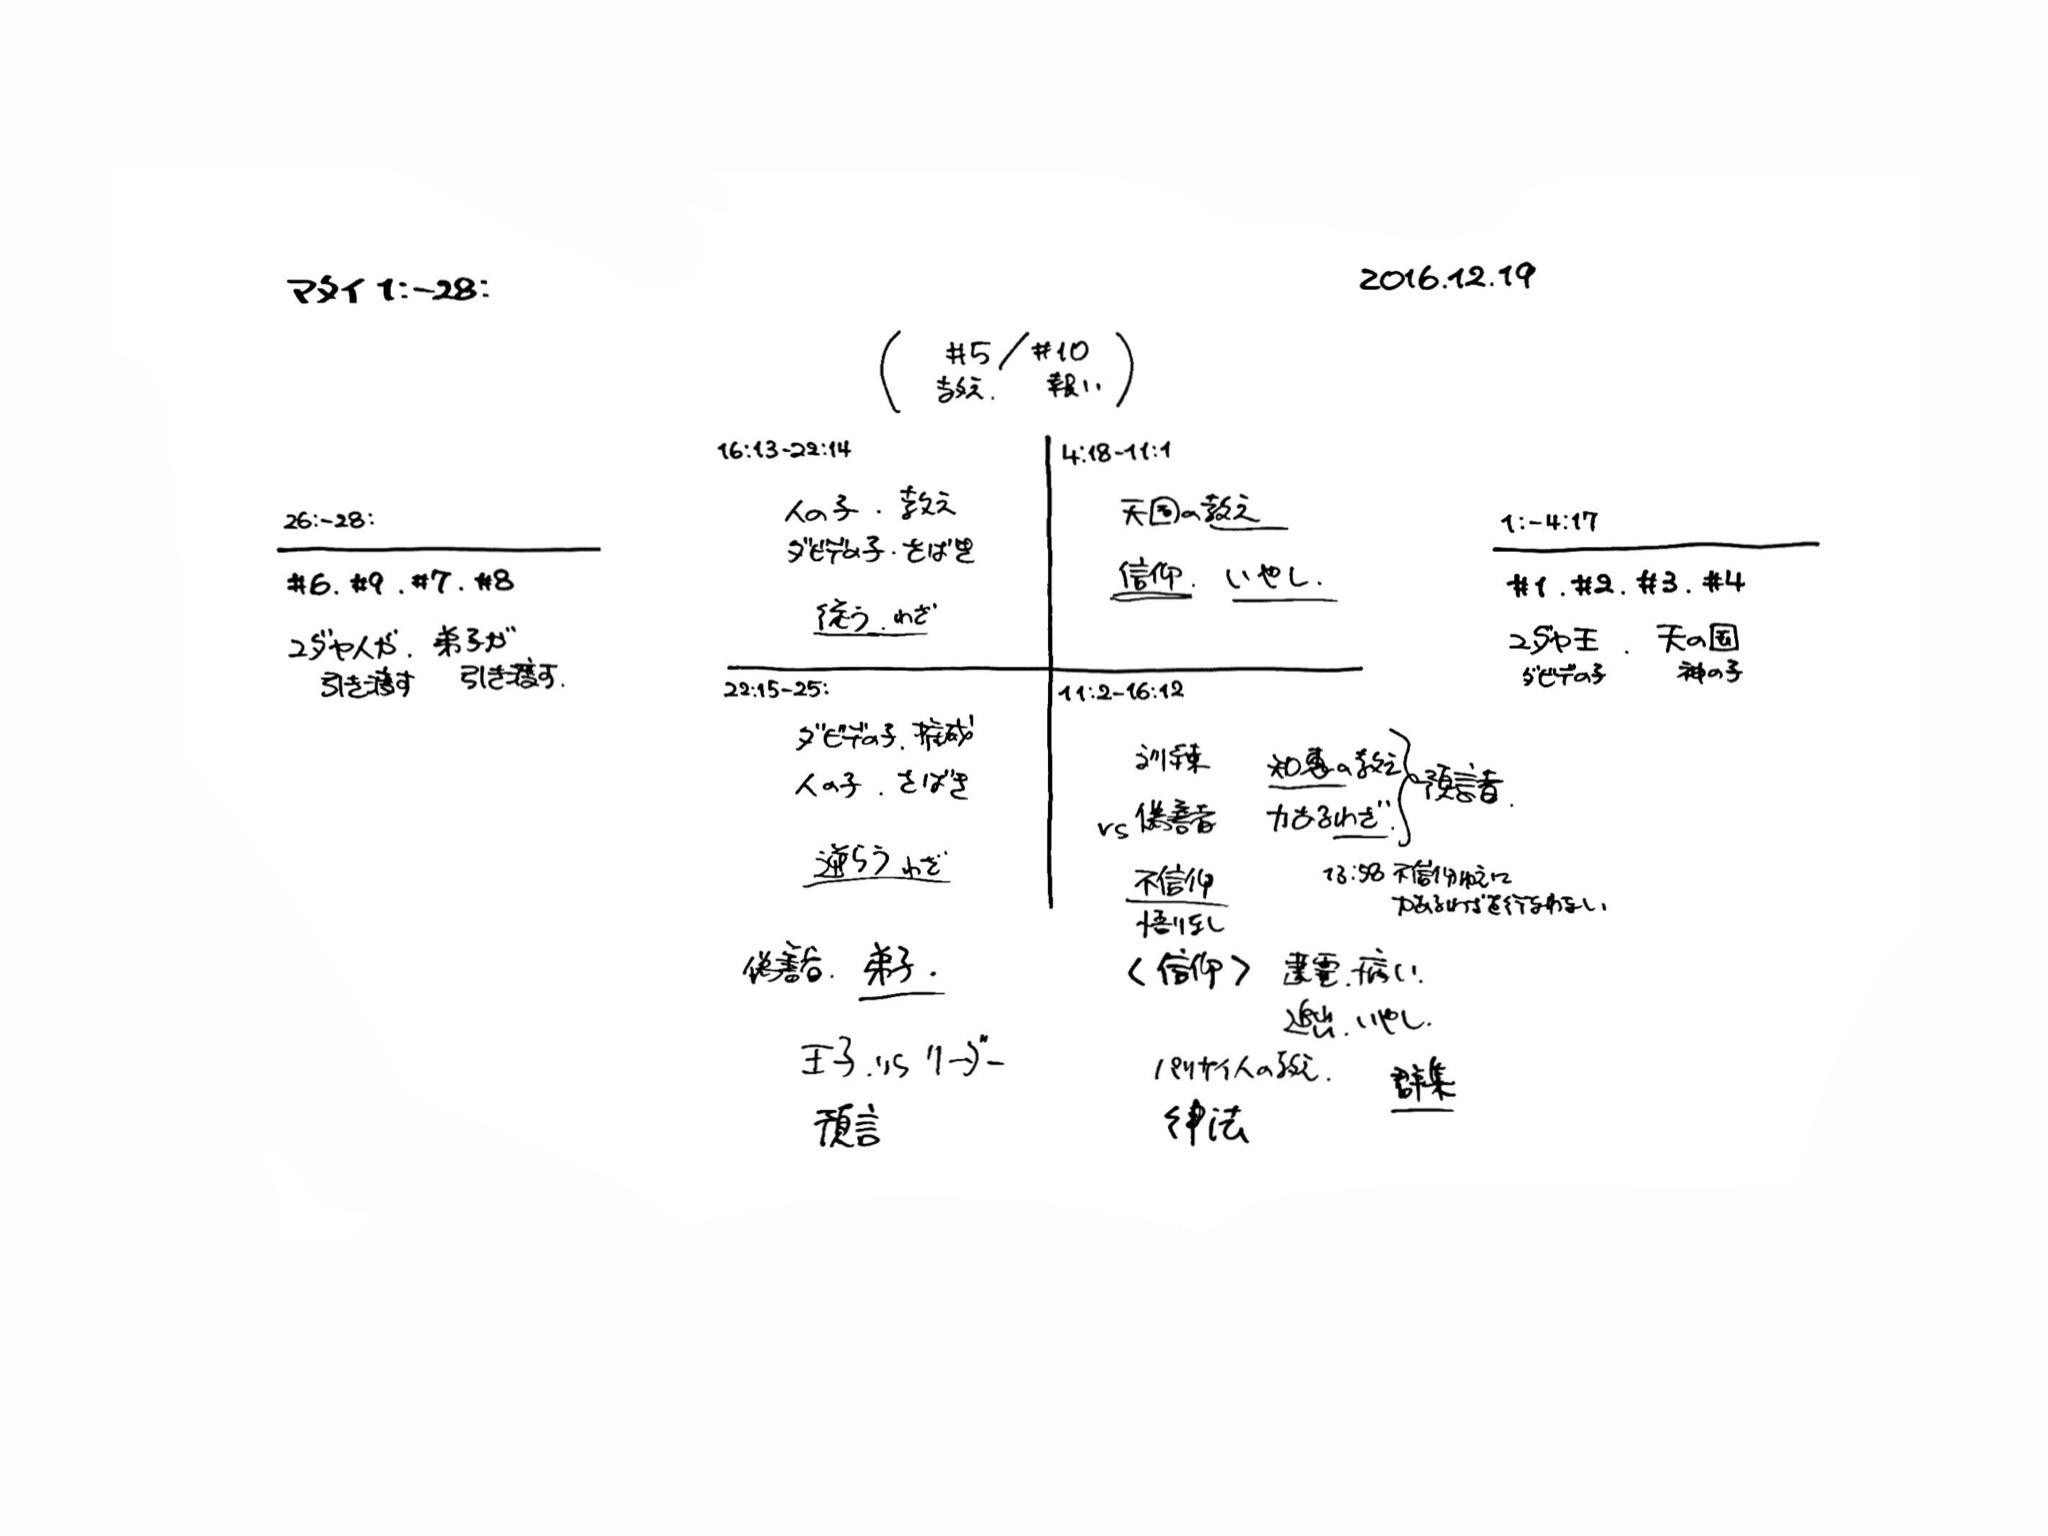 マタイ福音書 1-28章の構造分析